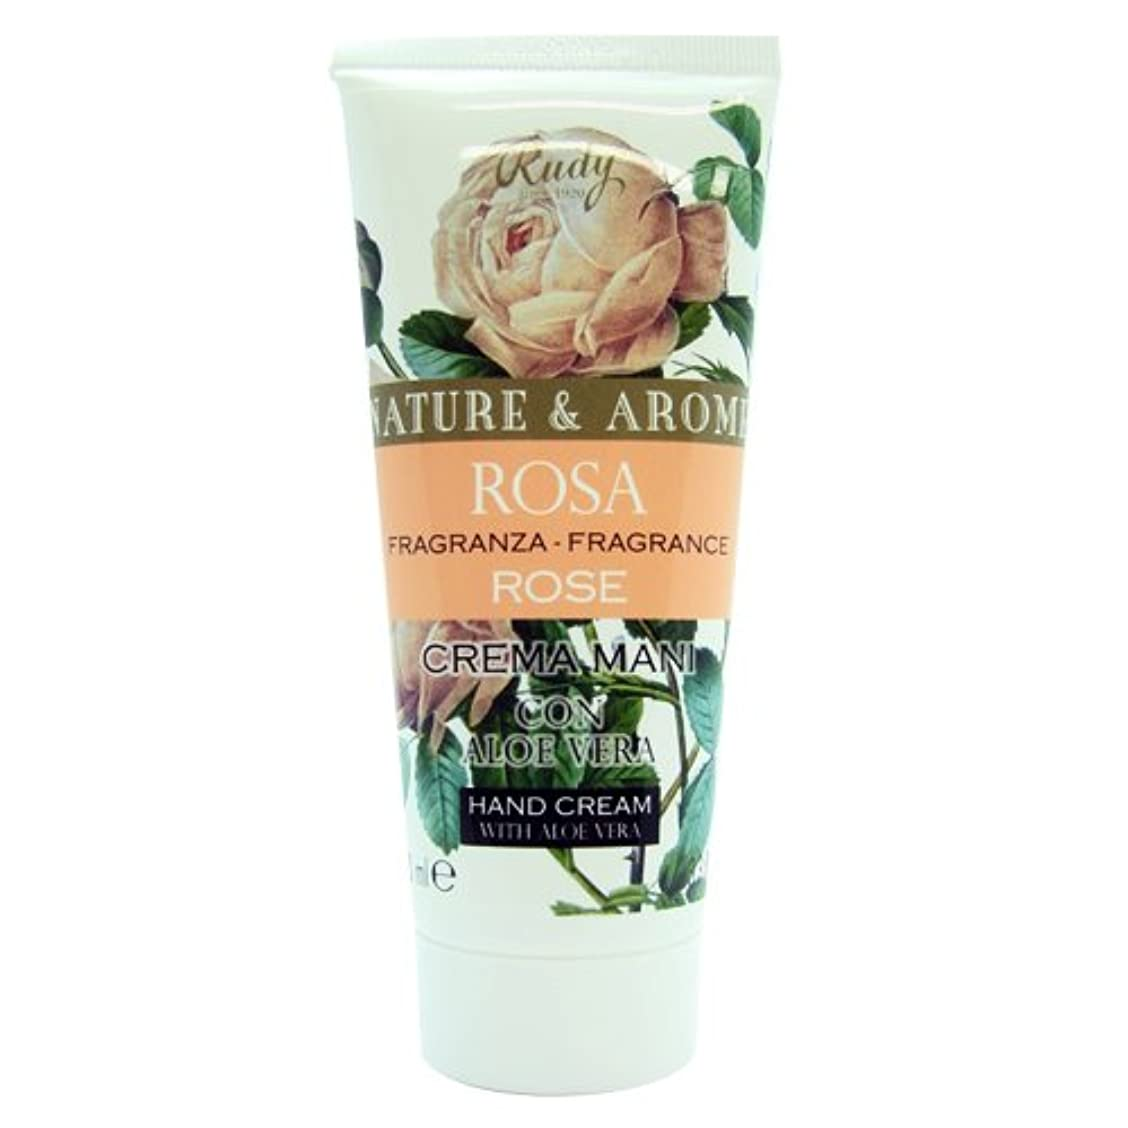 シーフード妥協バリケードRUDY Nature&Arome SERIES ルディ ナチュール&アロマ Hand Cream ハンドクリーム Rose ローズ